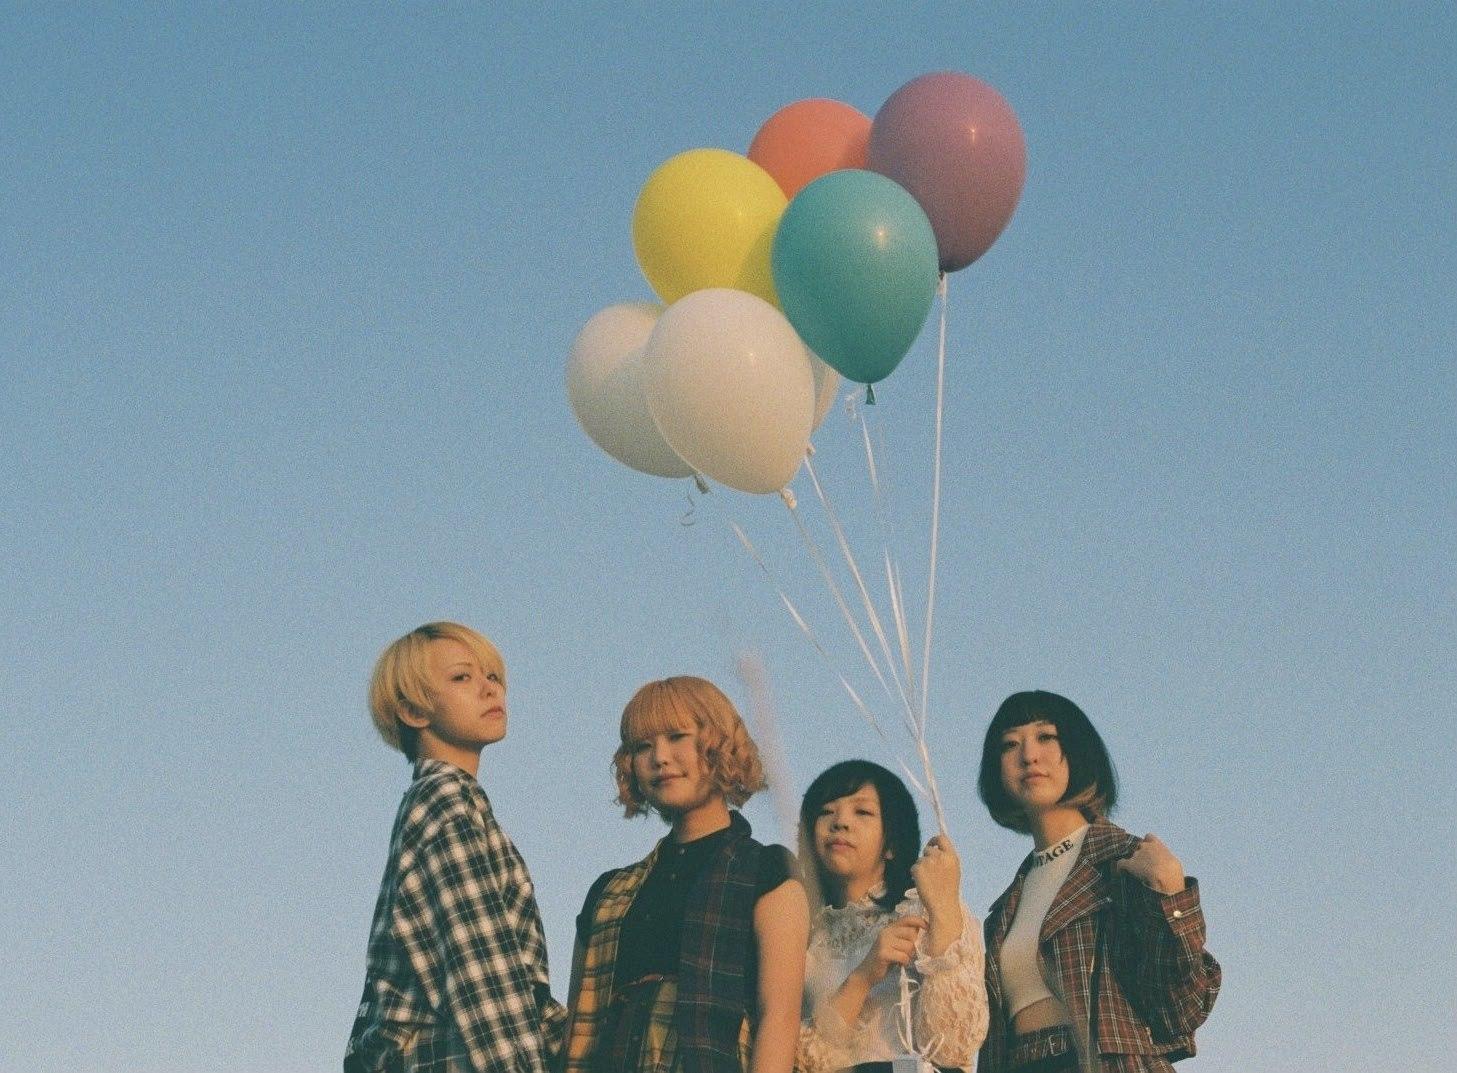 【アノ娘リズム。】最高の映像作品を作りたい、代表曲「SiGN」MV制作キャンペーン!